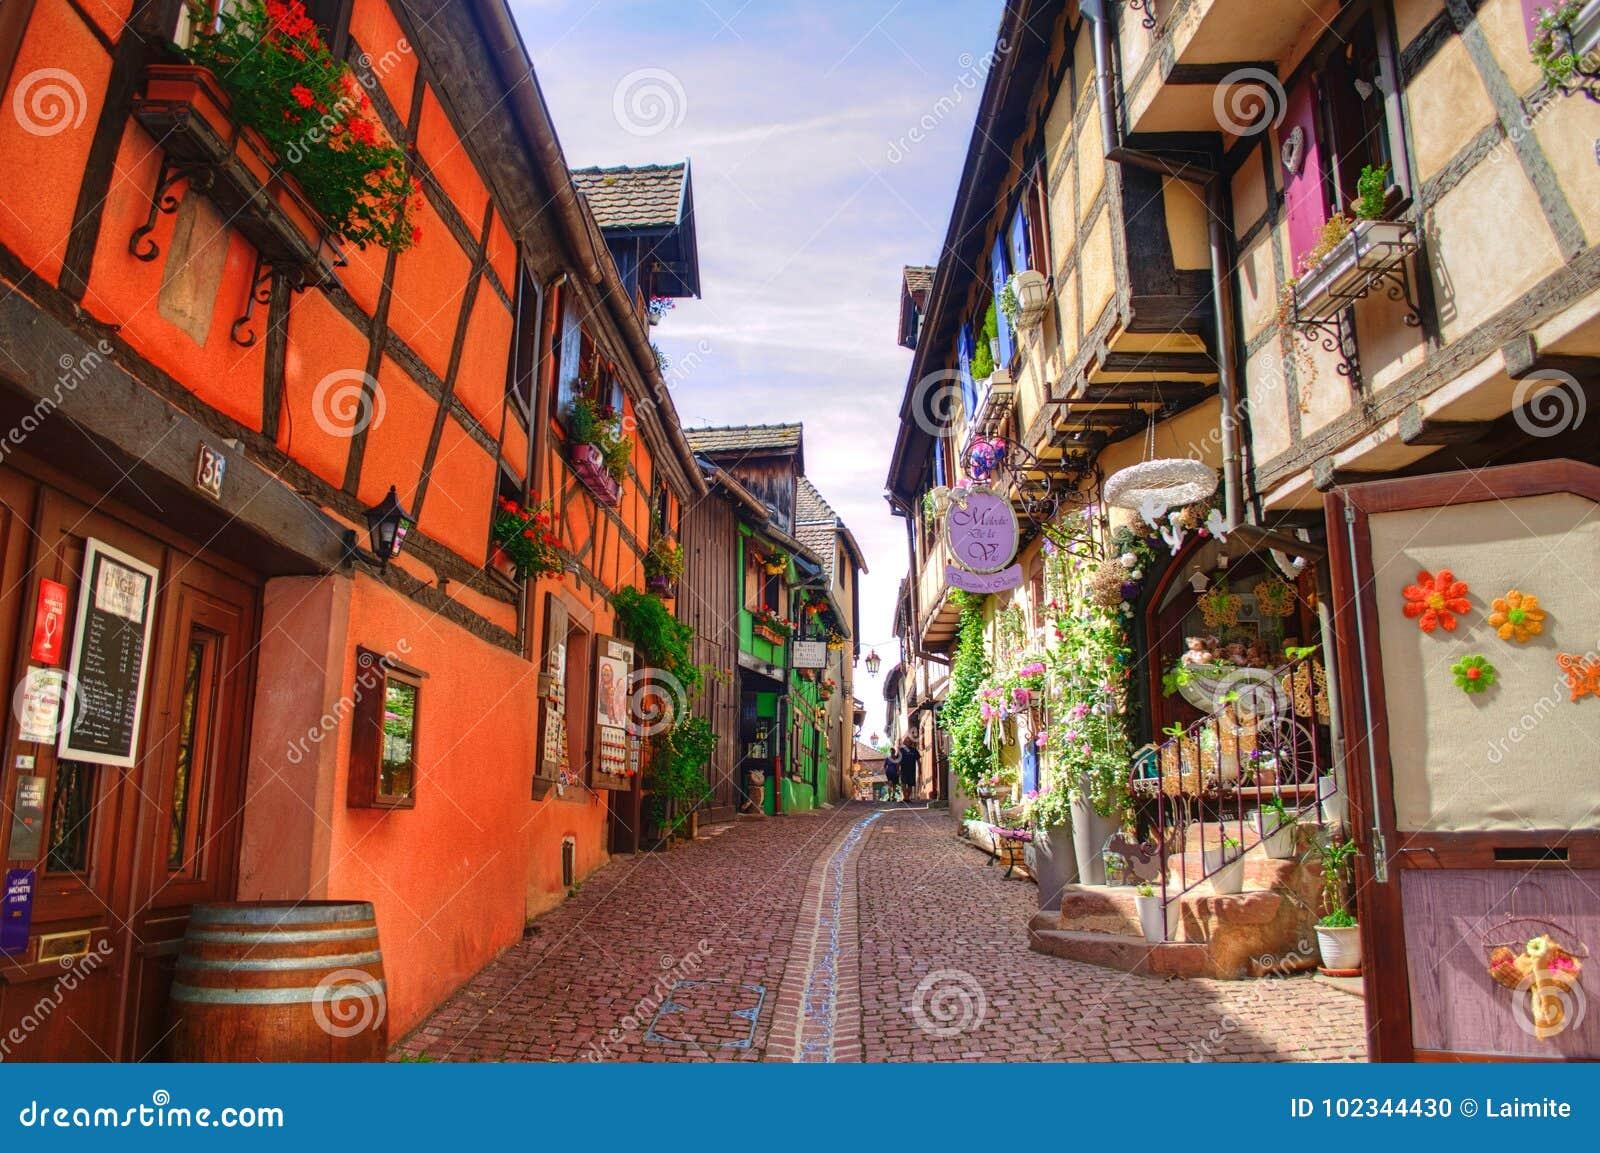 La plupart des beaux villages des Frances - Riquewihr en Alsace